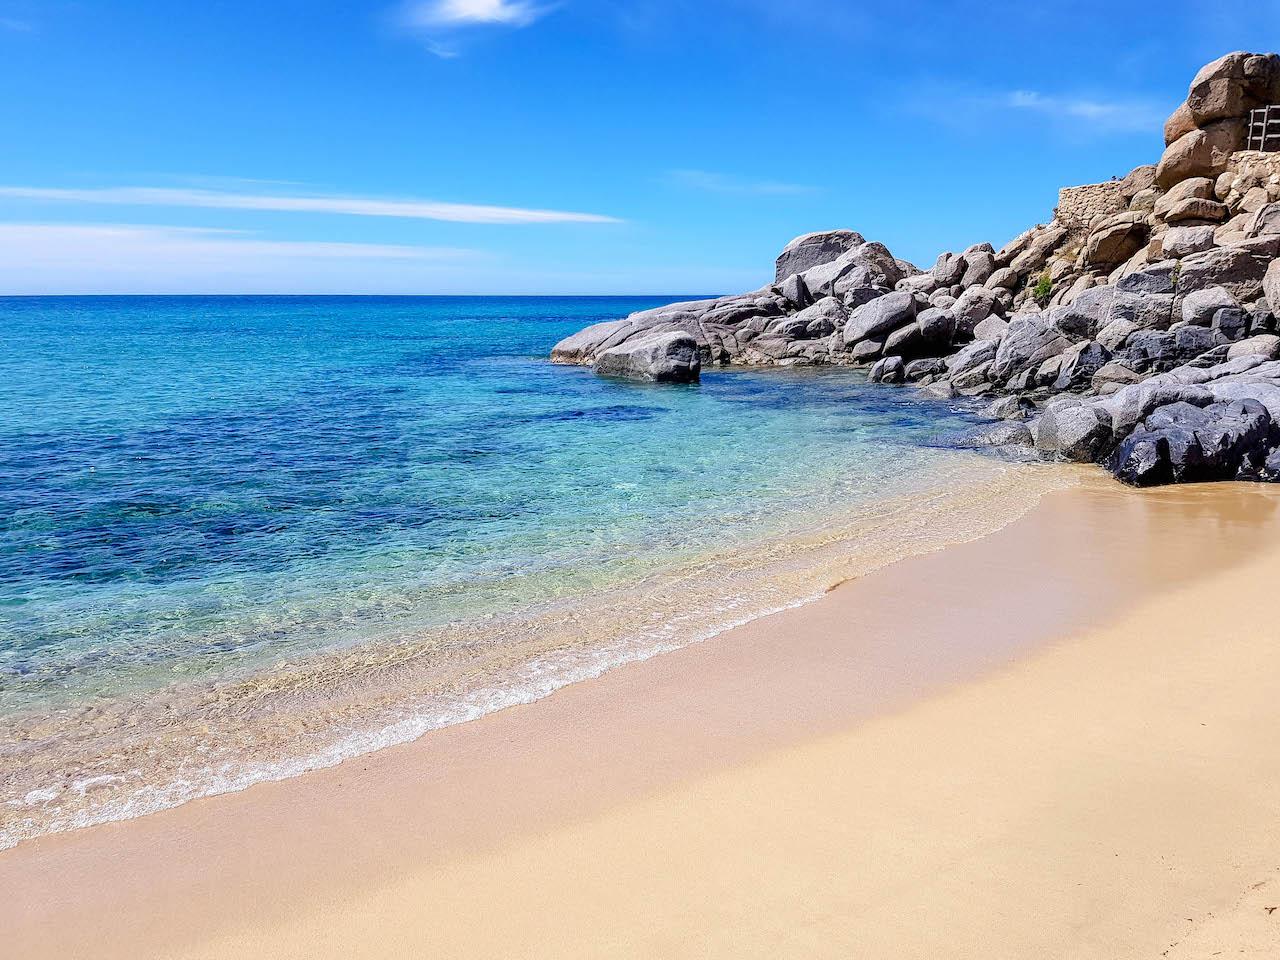 Der Strand von Solanas im Süden Sardiniens.